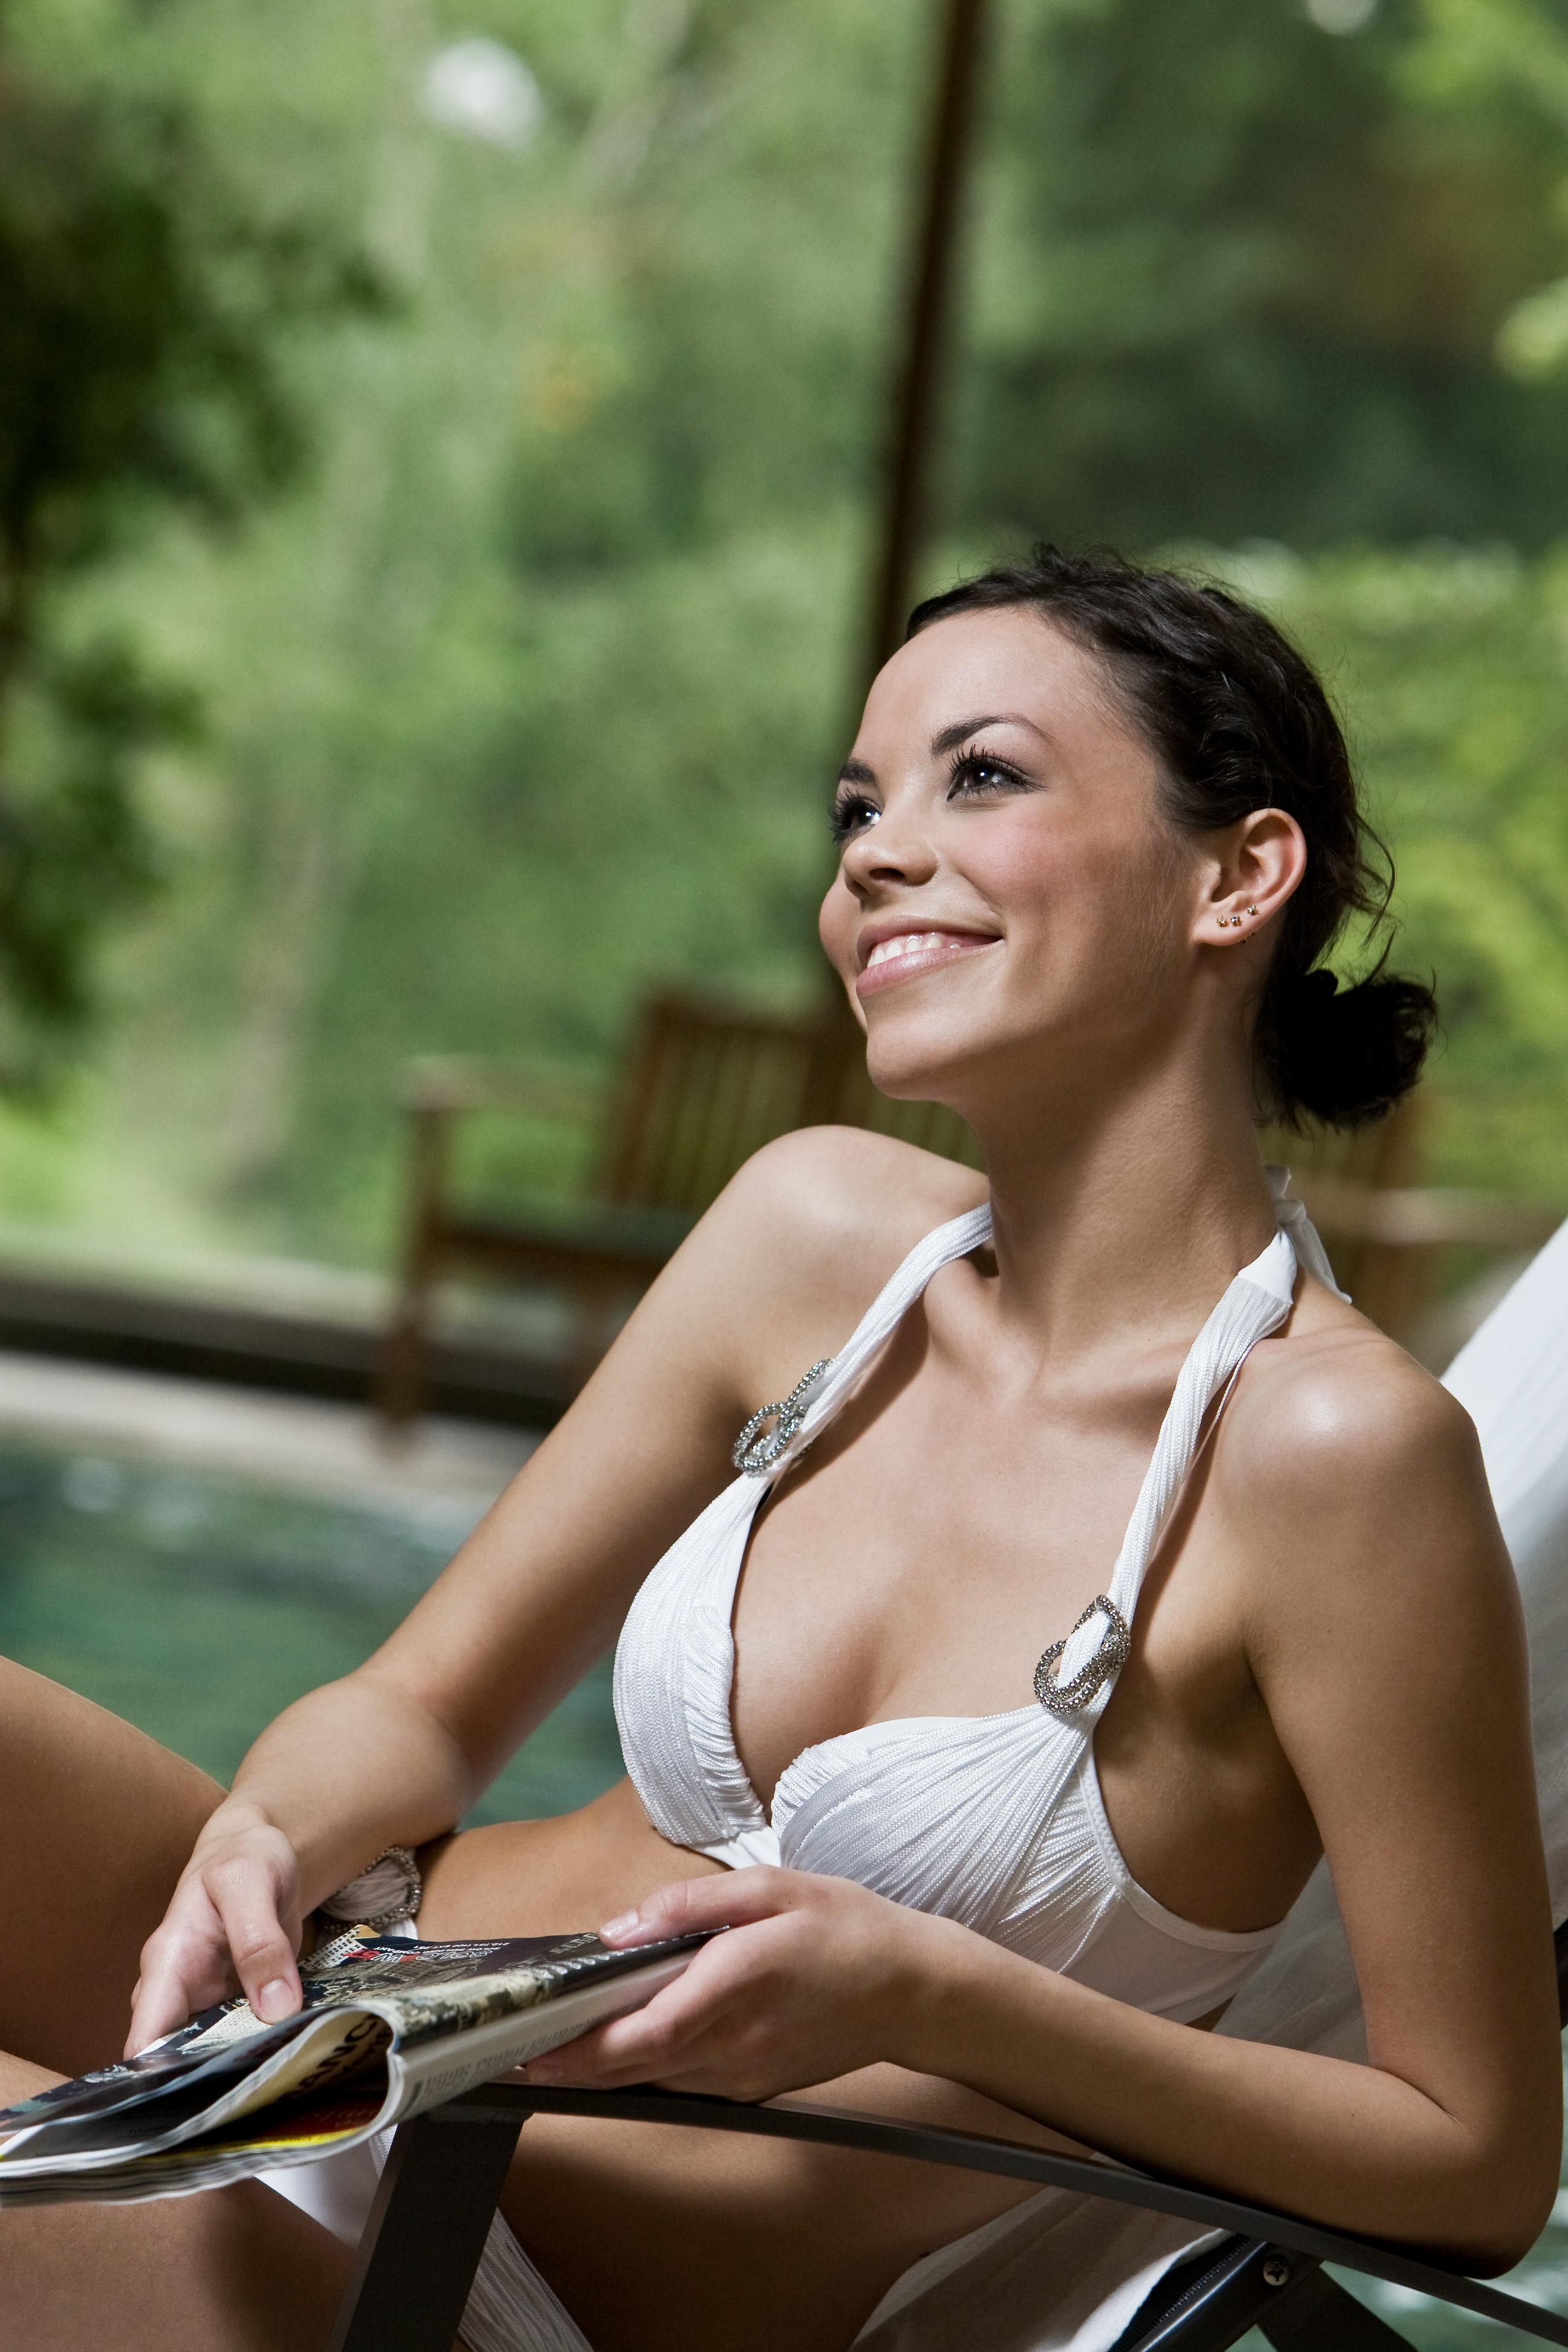 Pihenés a Margitszigeti Danubius szálloda medencéje mellett